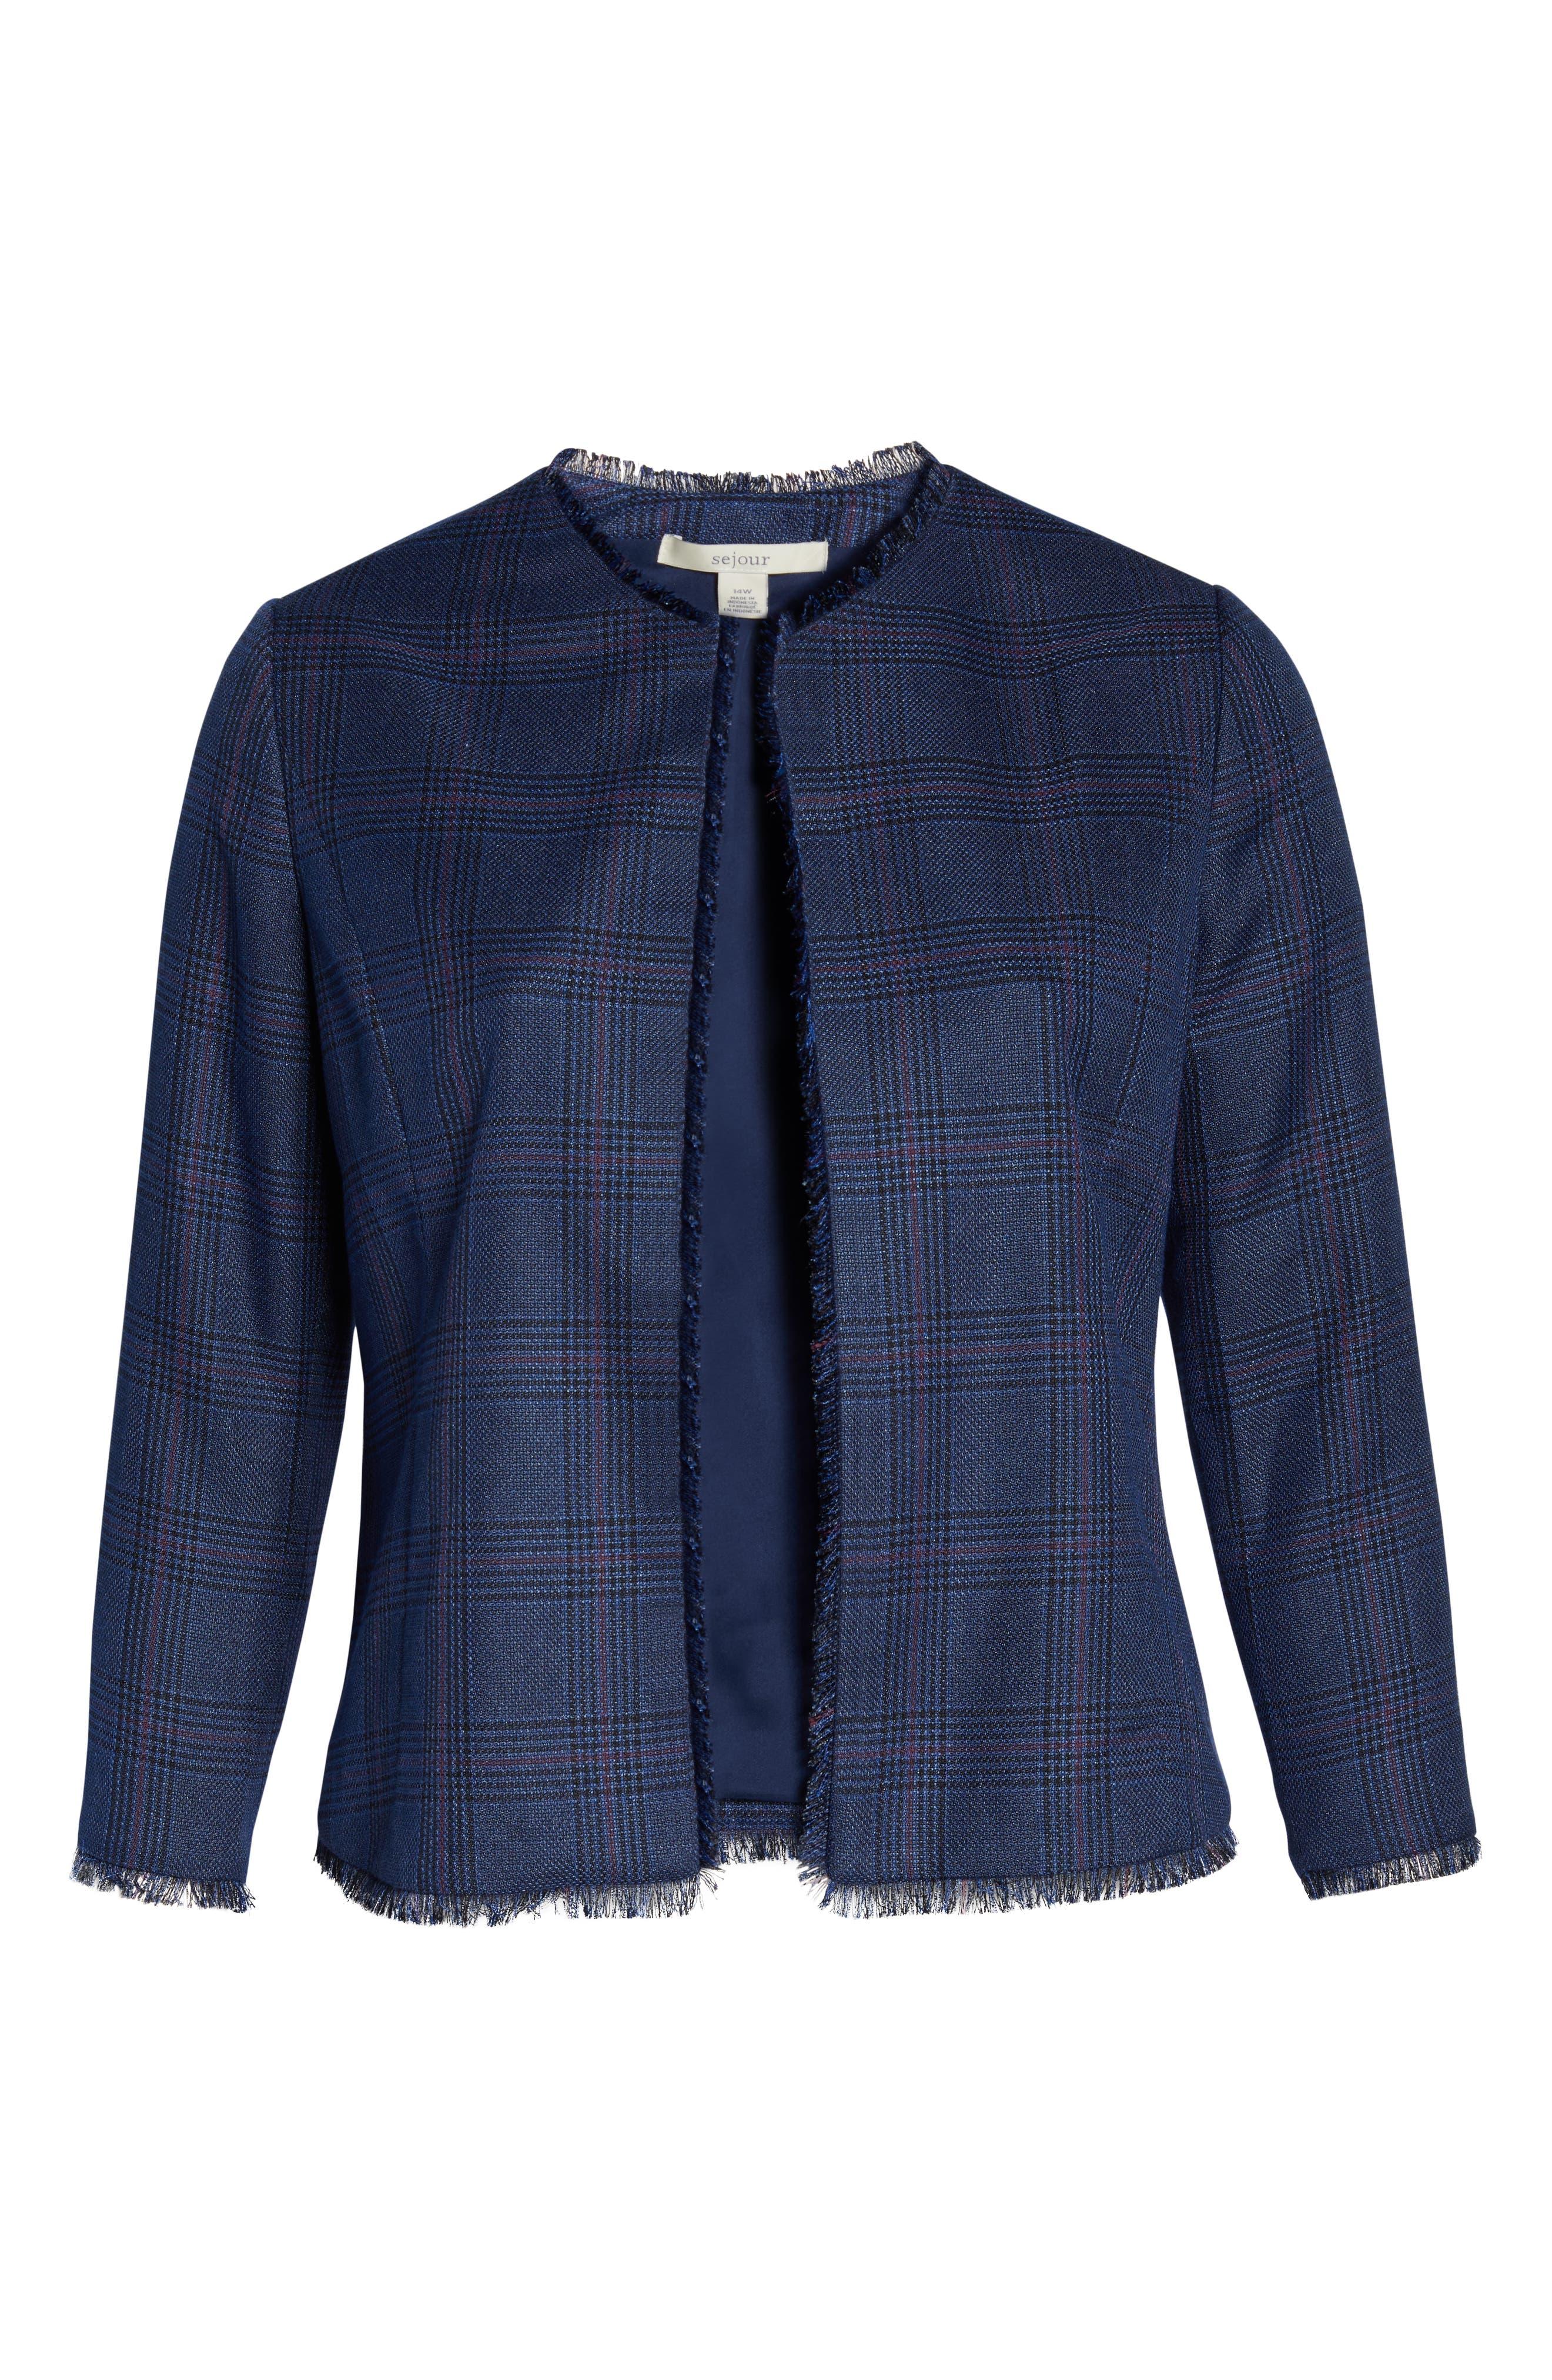 SEJOUR,                             Plaid Tweed Jacket,                             Alternate thumbnail 6, color,                             BLUE SAM PLAID